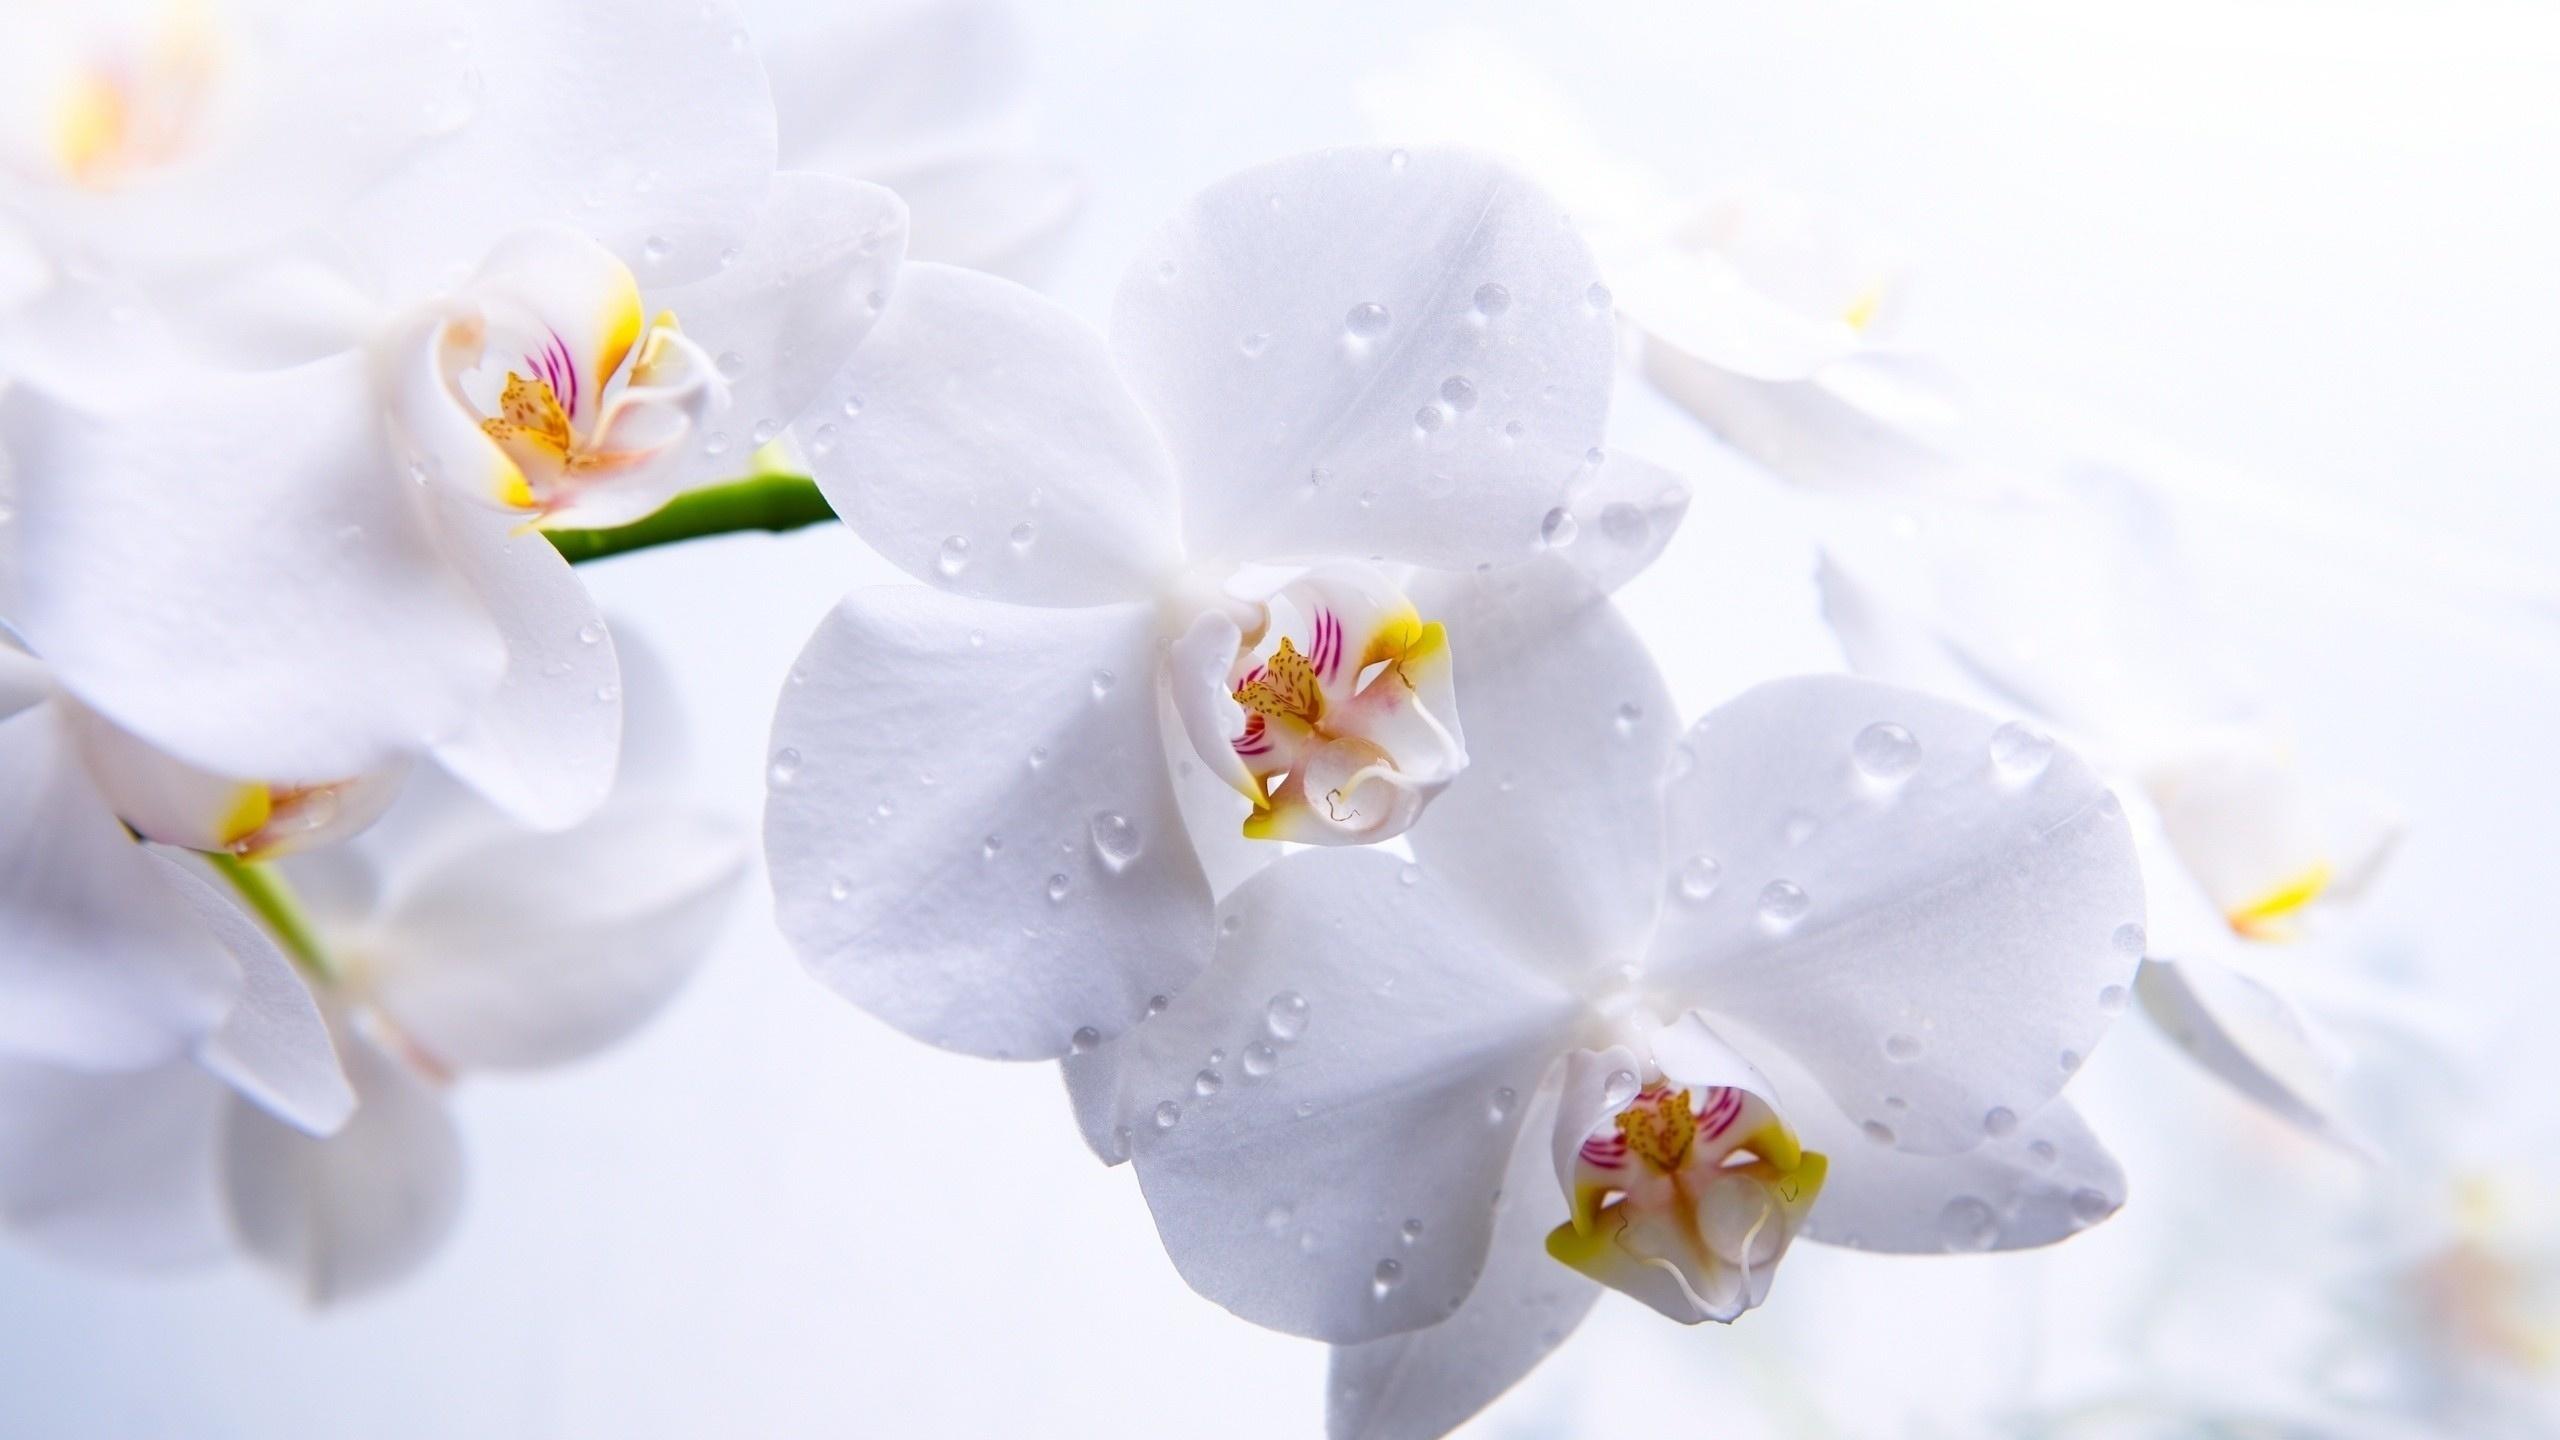 этом смысле весенние орхидеи открытки цены